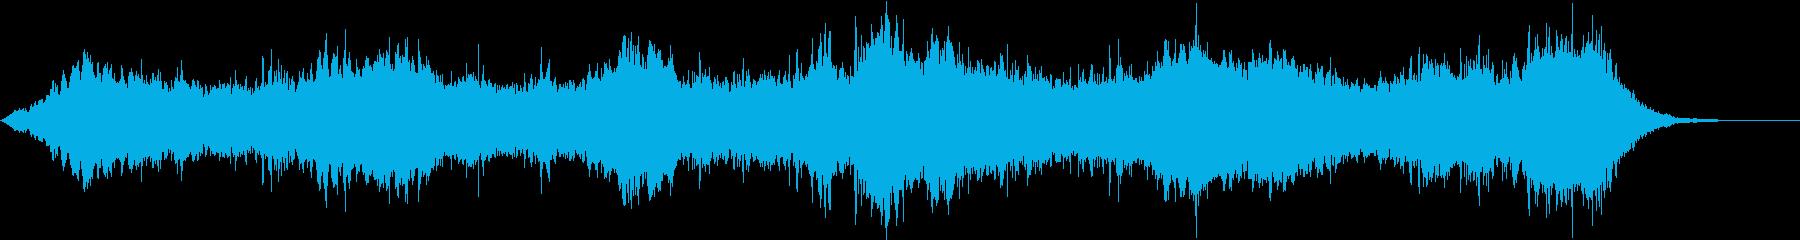 サスペンス映画のオープニング風の再生済みの波形